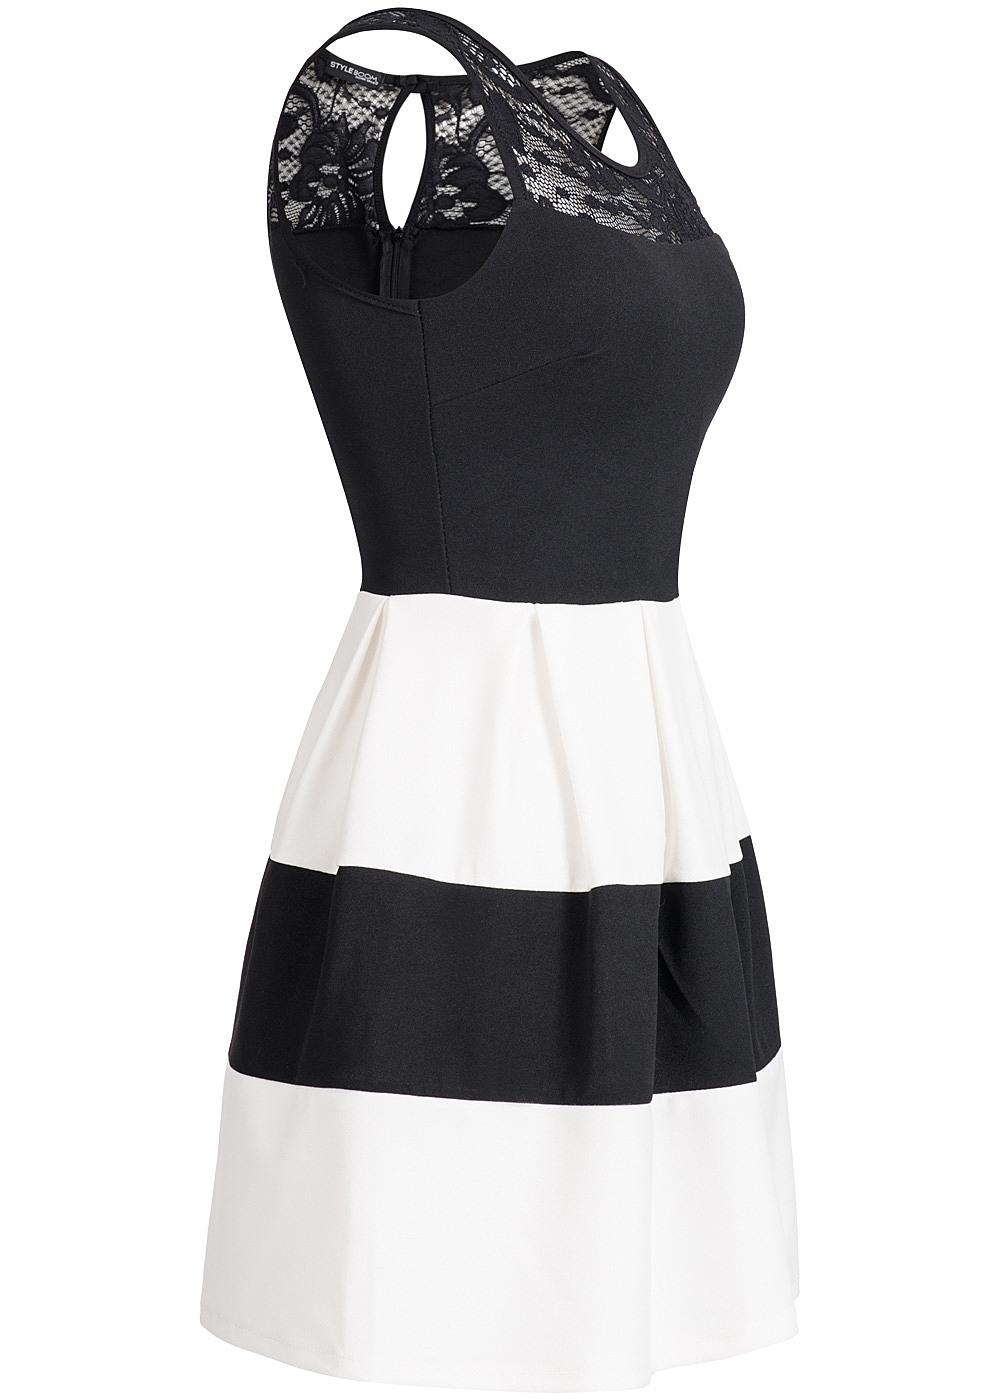 20 Einzigartig Schwarz Weiß Kleid VertriebAbend Ausgezeichnet Schwarz Weiß Kleid Design